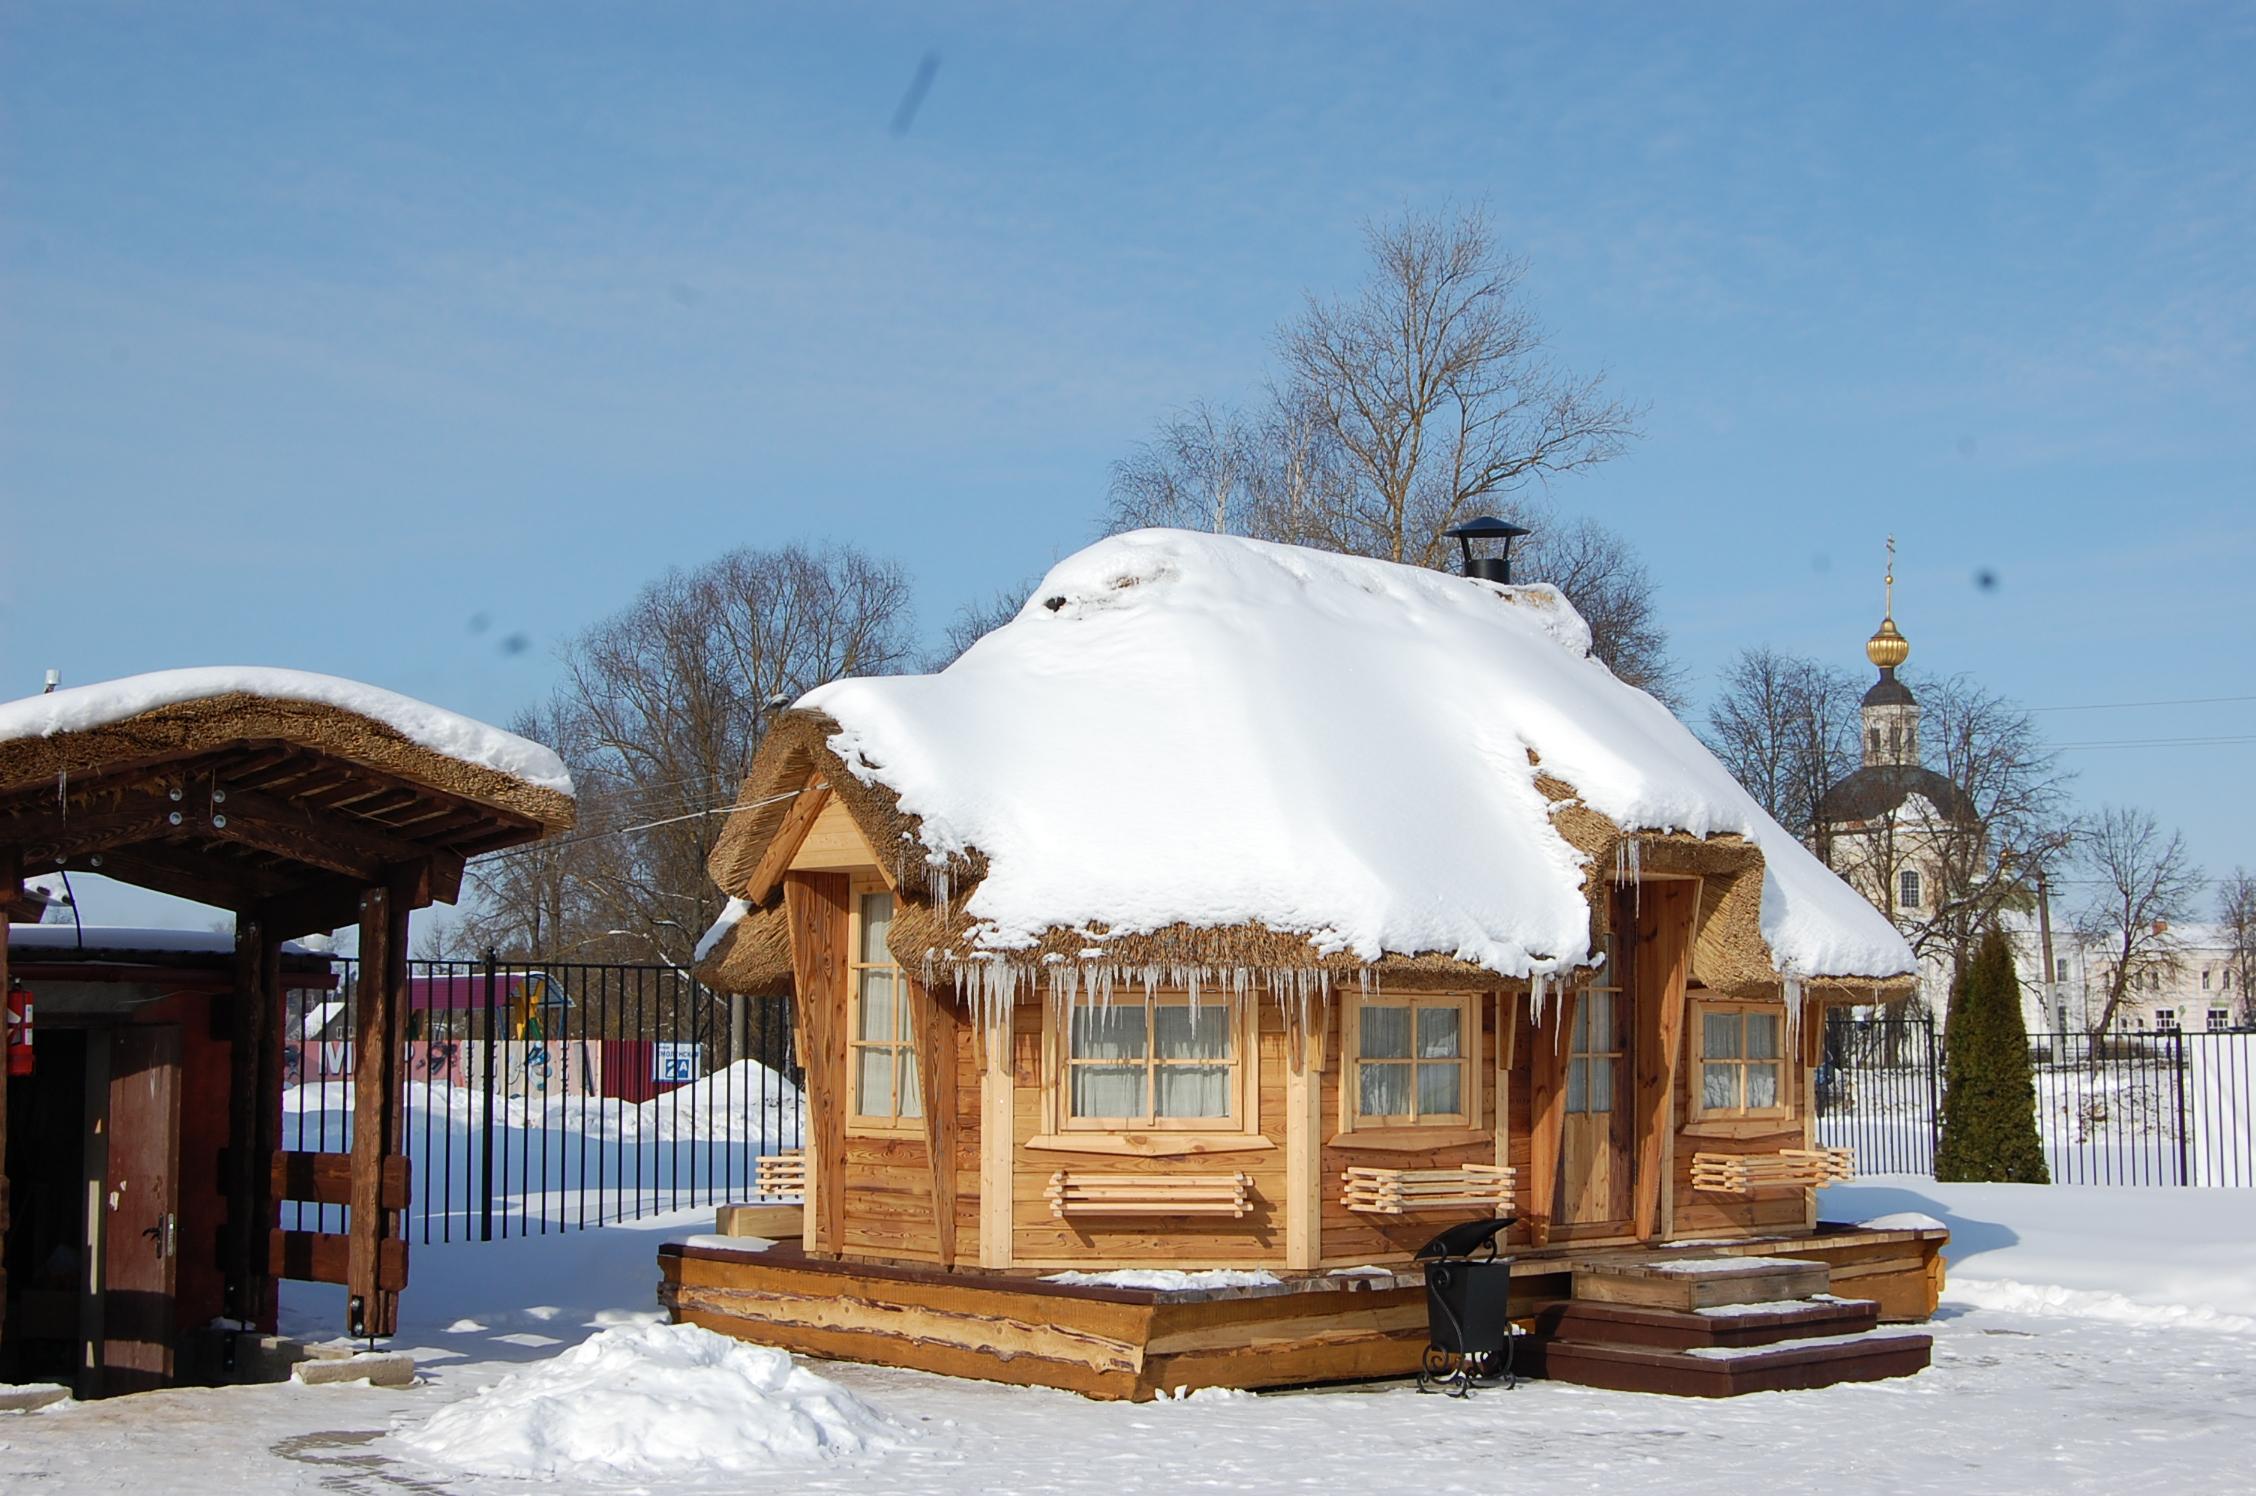 Гриль домик зимой